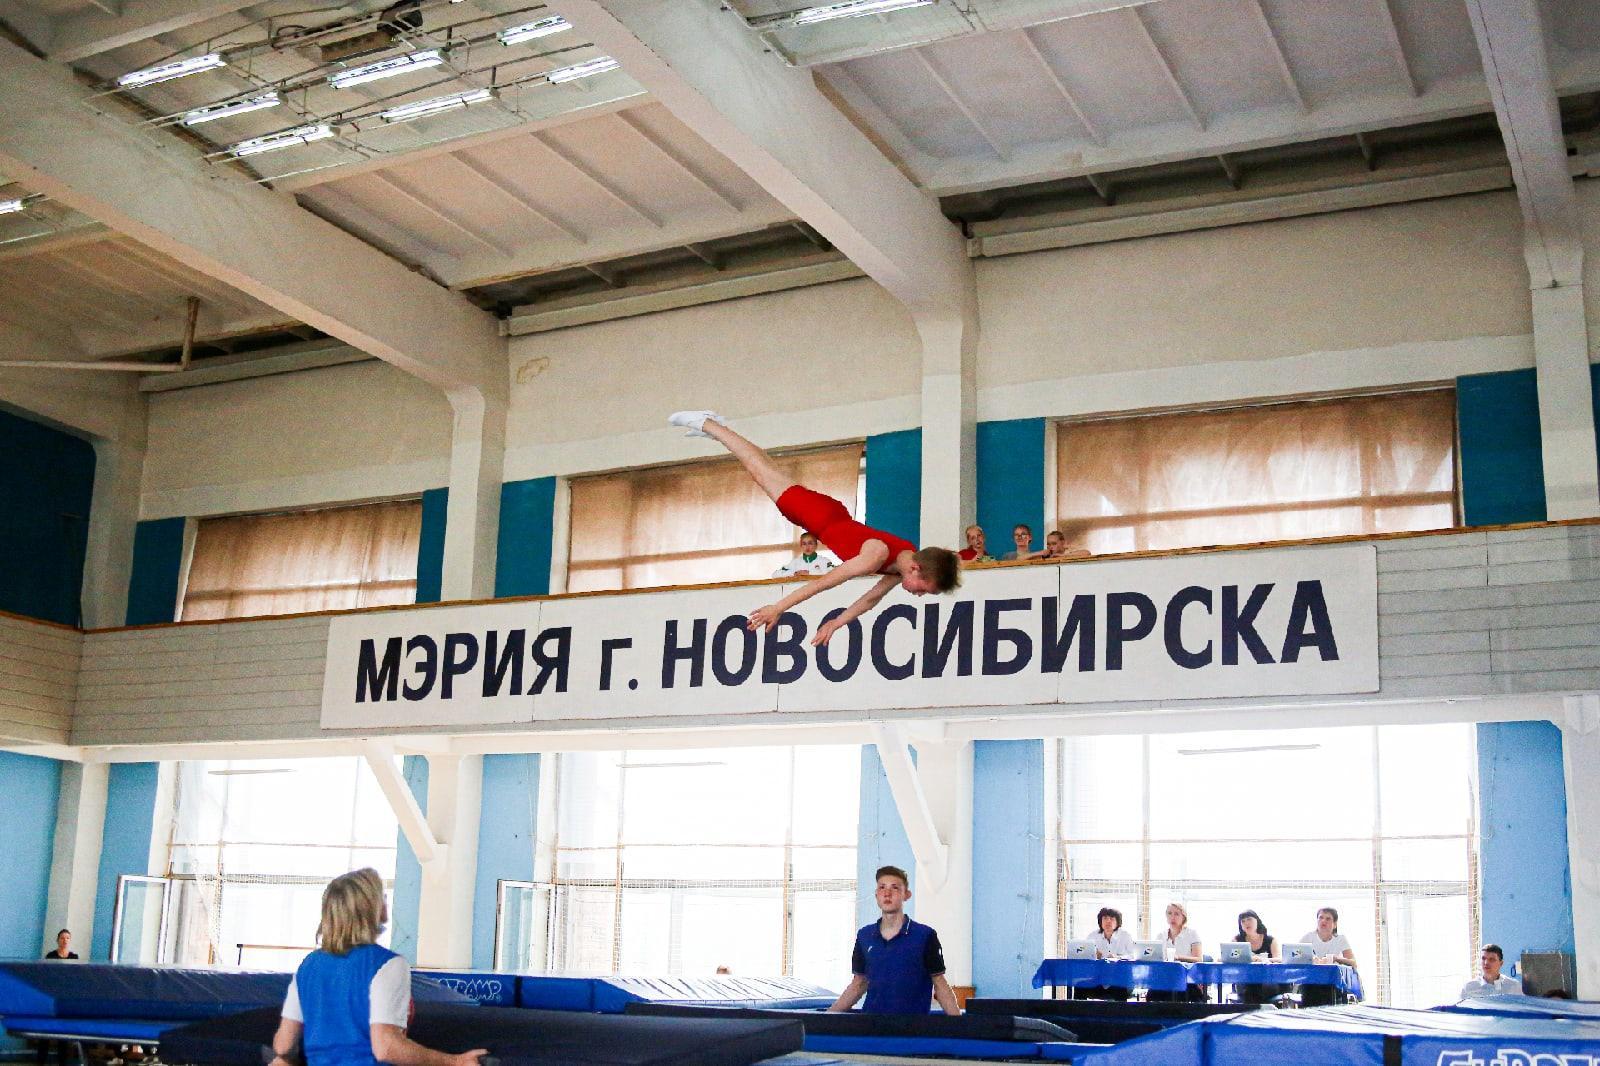 фото Всероссийские соревнования по прыжкам на батуте проходят в Новосибирске 3